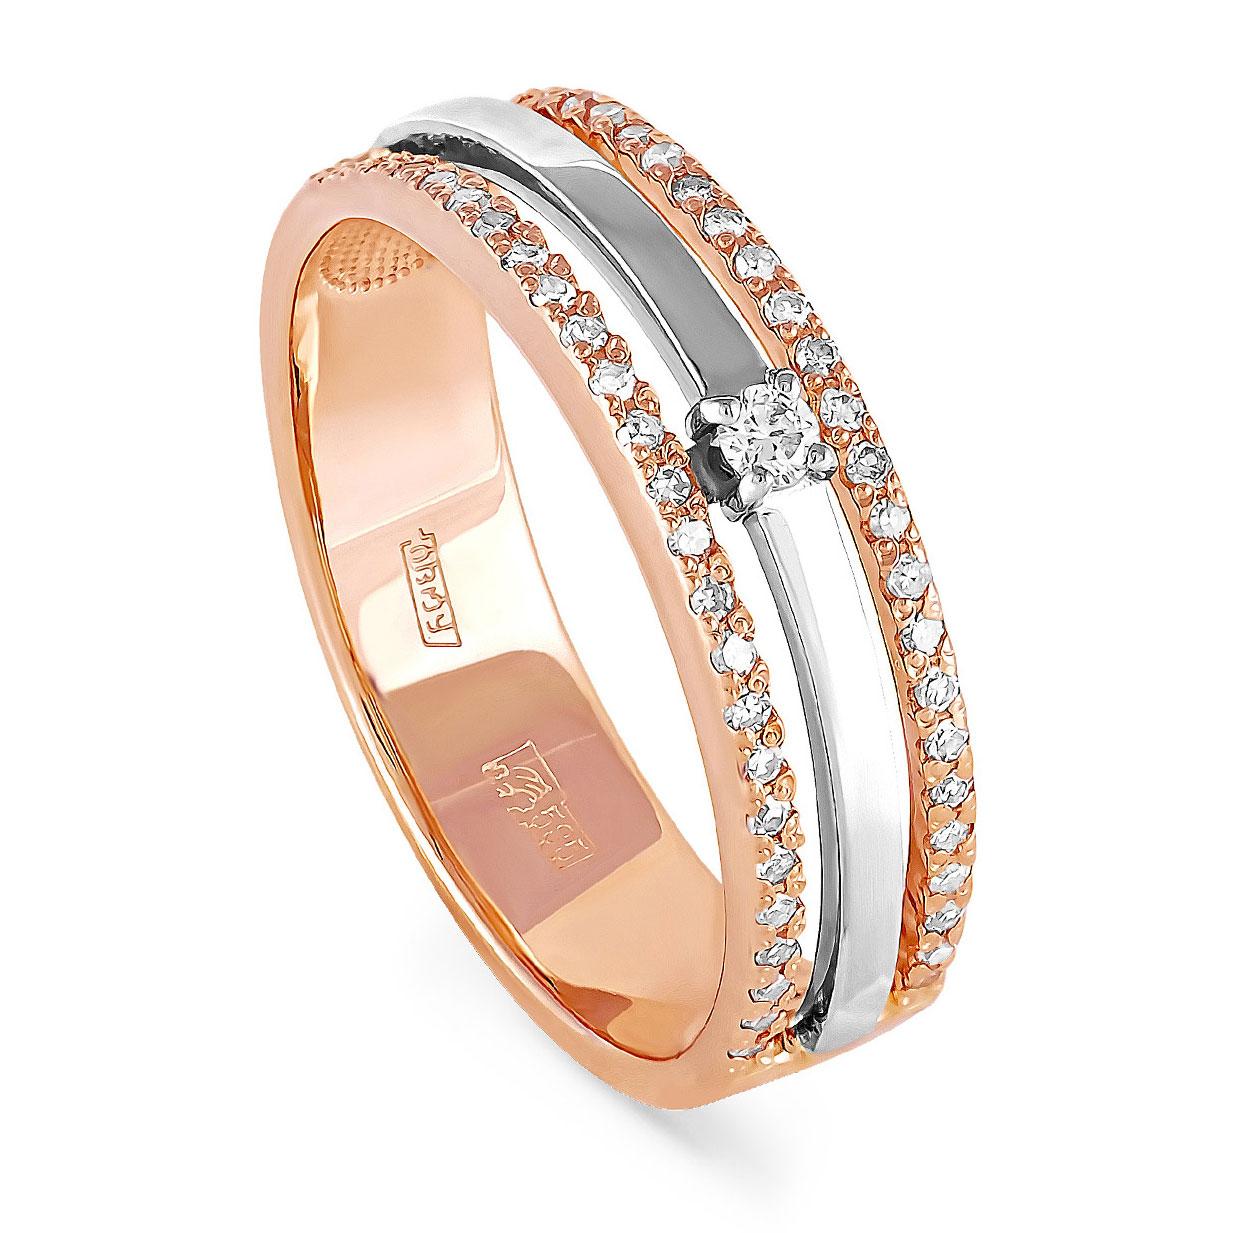 Обручальное кольцо из золота с бриллиантом арт. 1-0131 1-0131